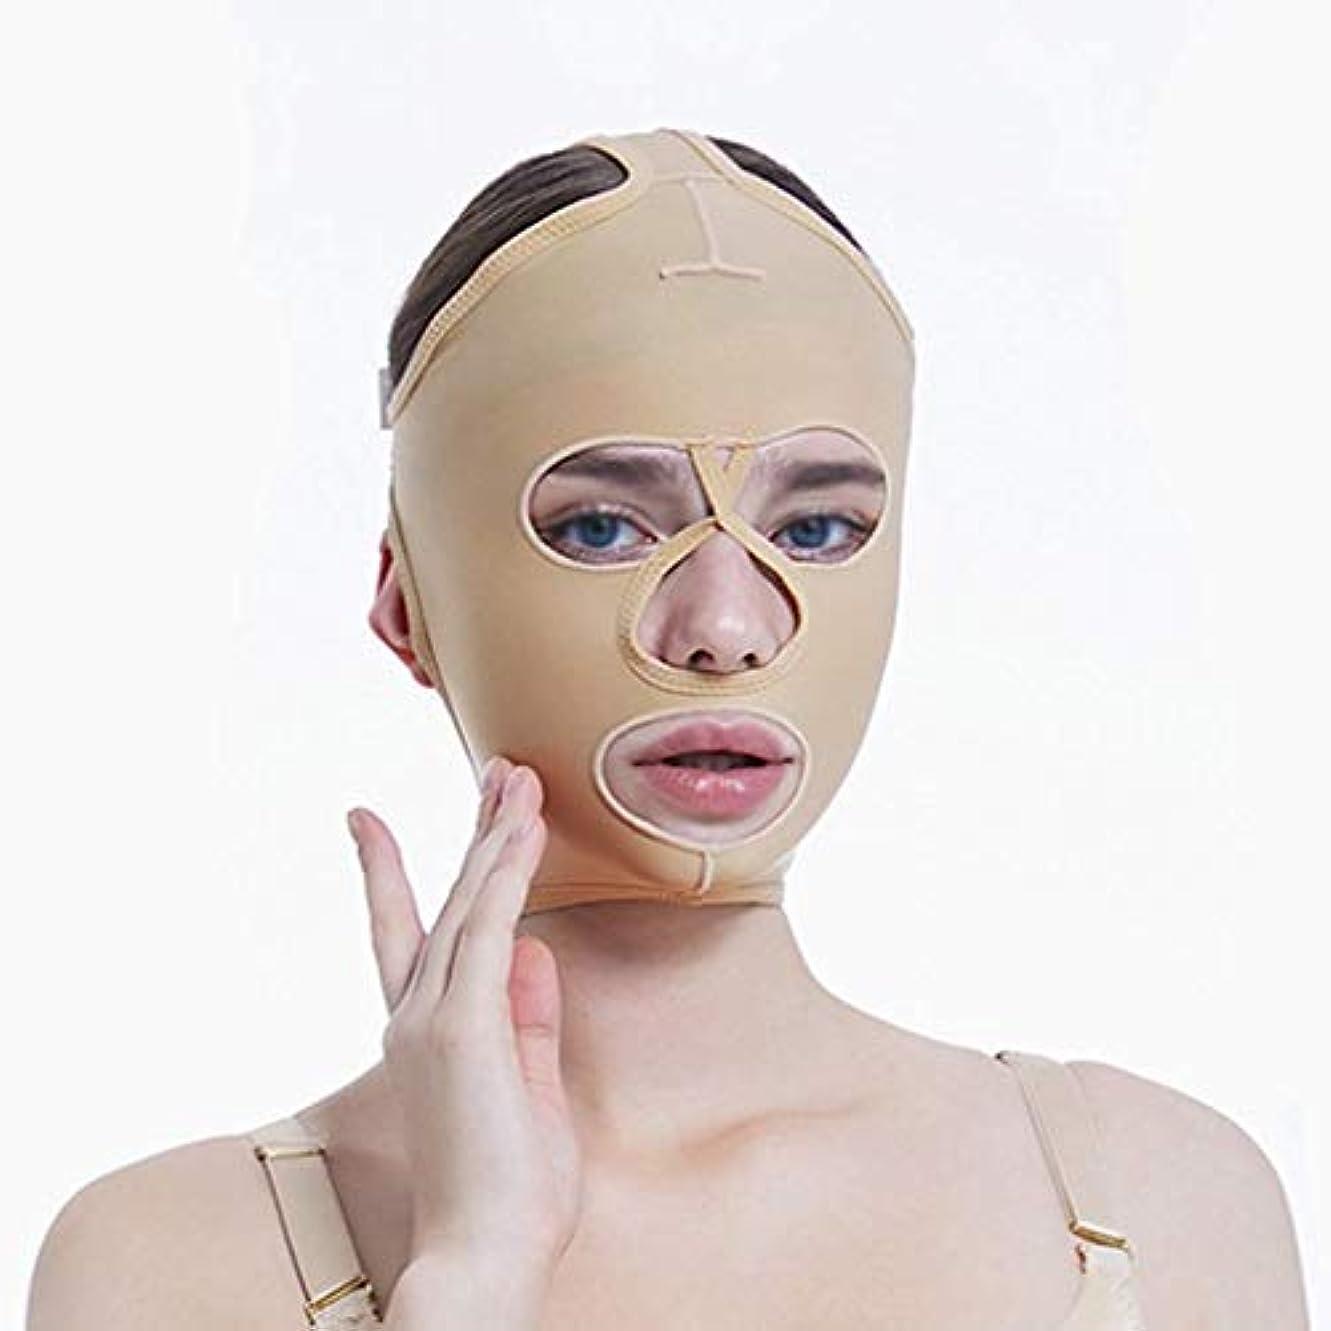 宮殿スキーム司書チンリフティングベルト、超薄型ベルト、引き締めマスク、包帯吊り、フェイスリフティングマスク、超薄型ベルト、通気性(サイズ:L),M